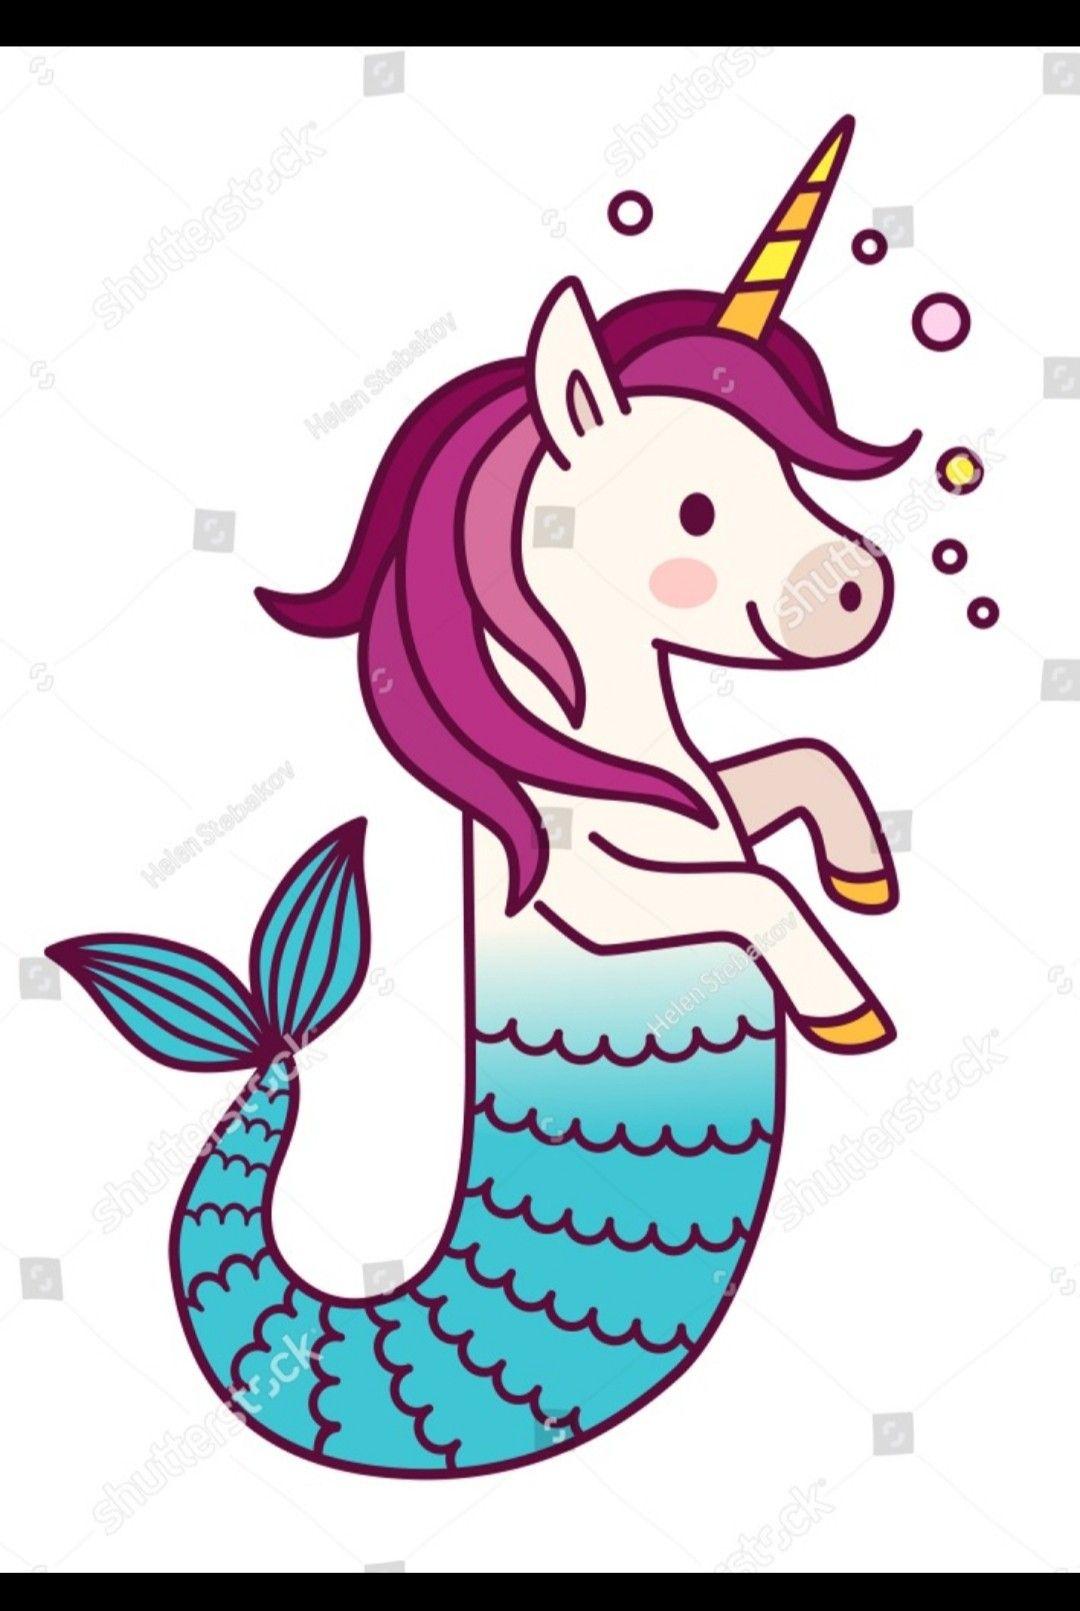 Pin De Daniela Koring Em Unicornios Sereia Desenho Unicornio Bonito Quadrinhos De Sereia